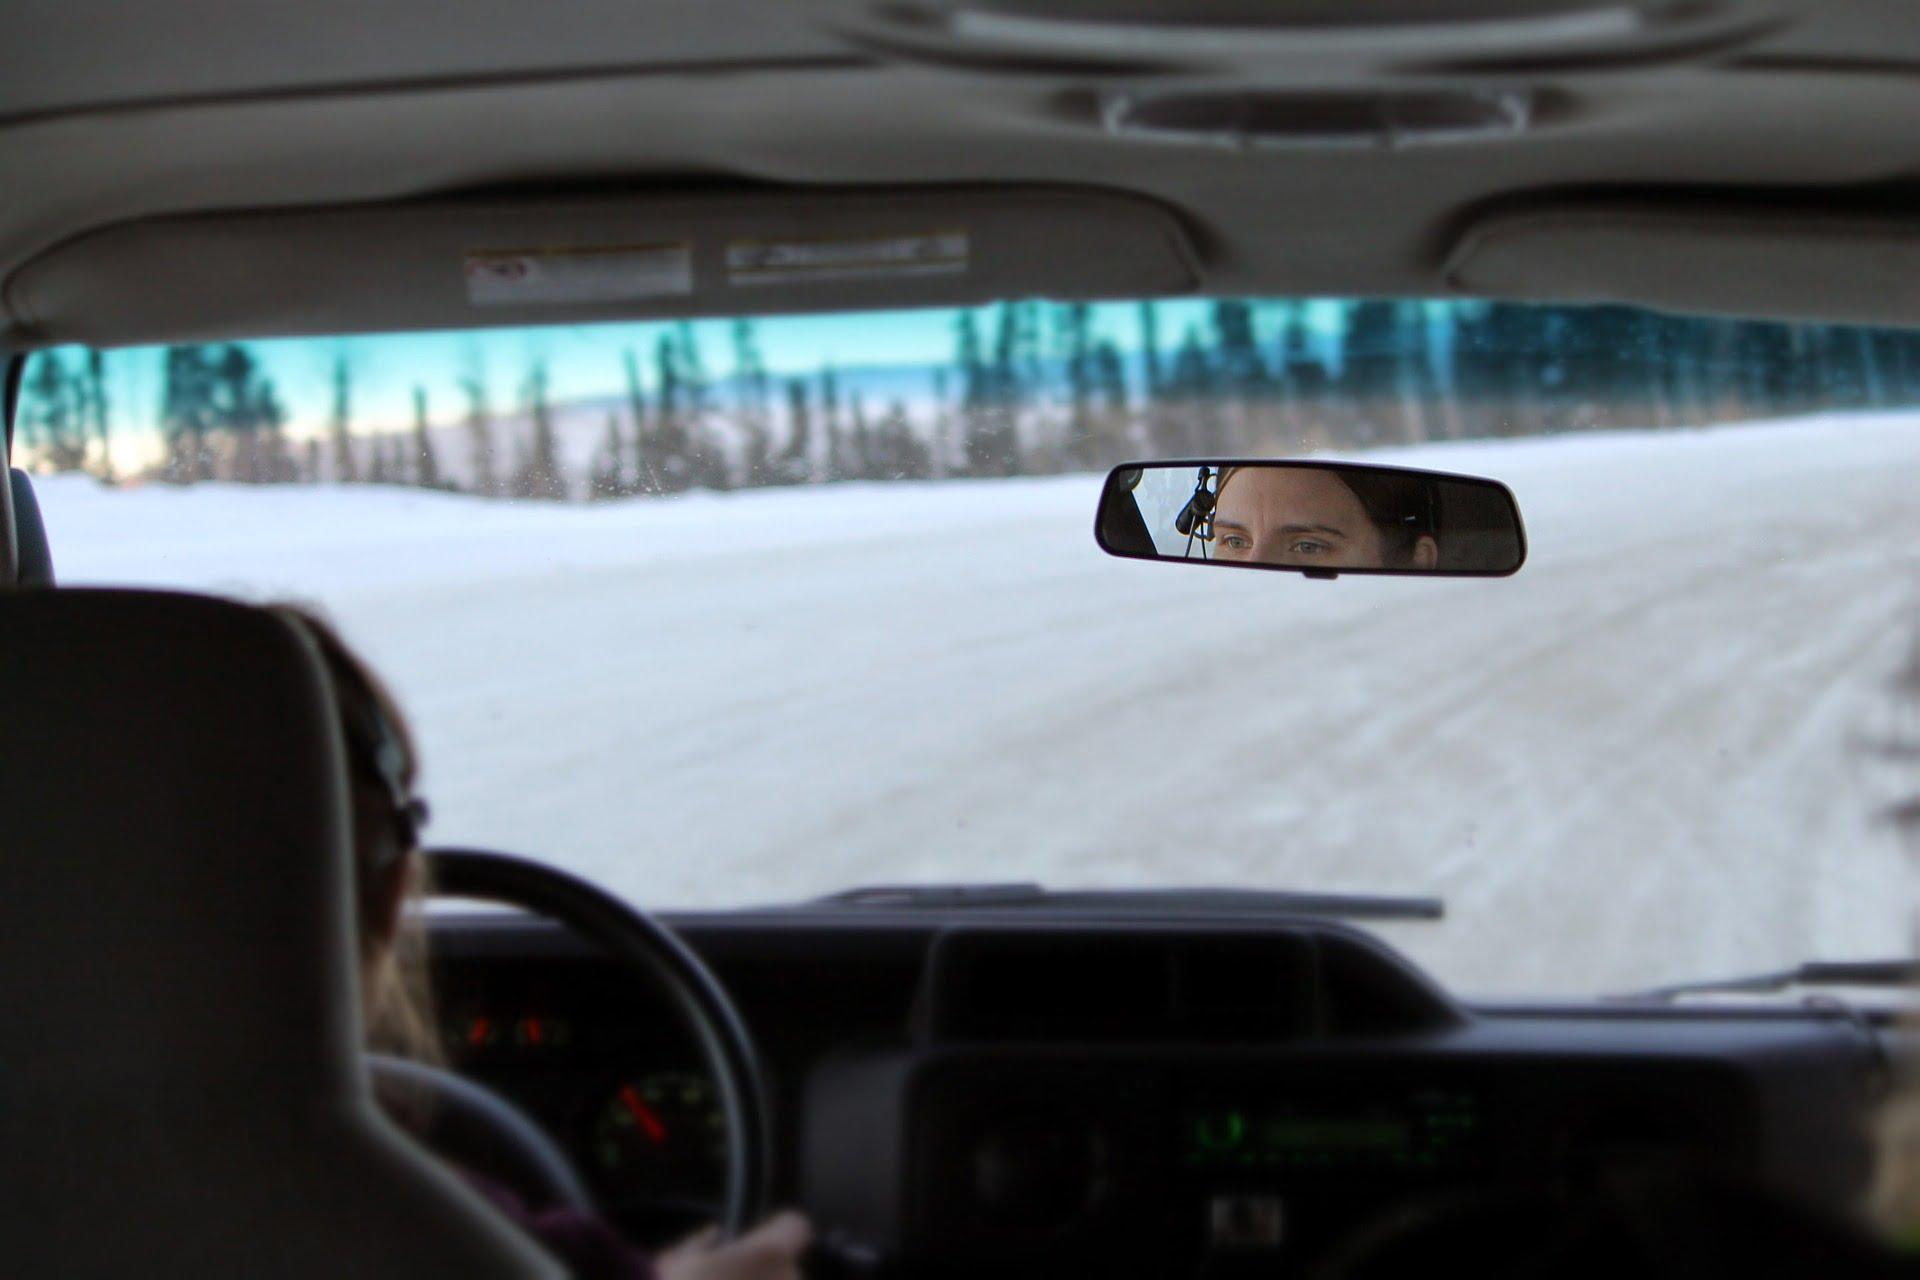 prichiny-zatonirovat-avto-zimoj